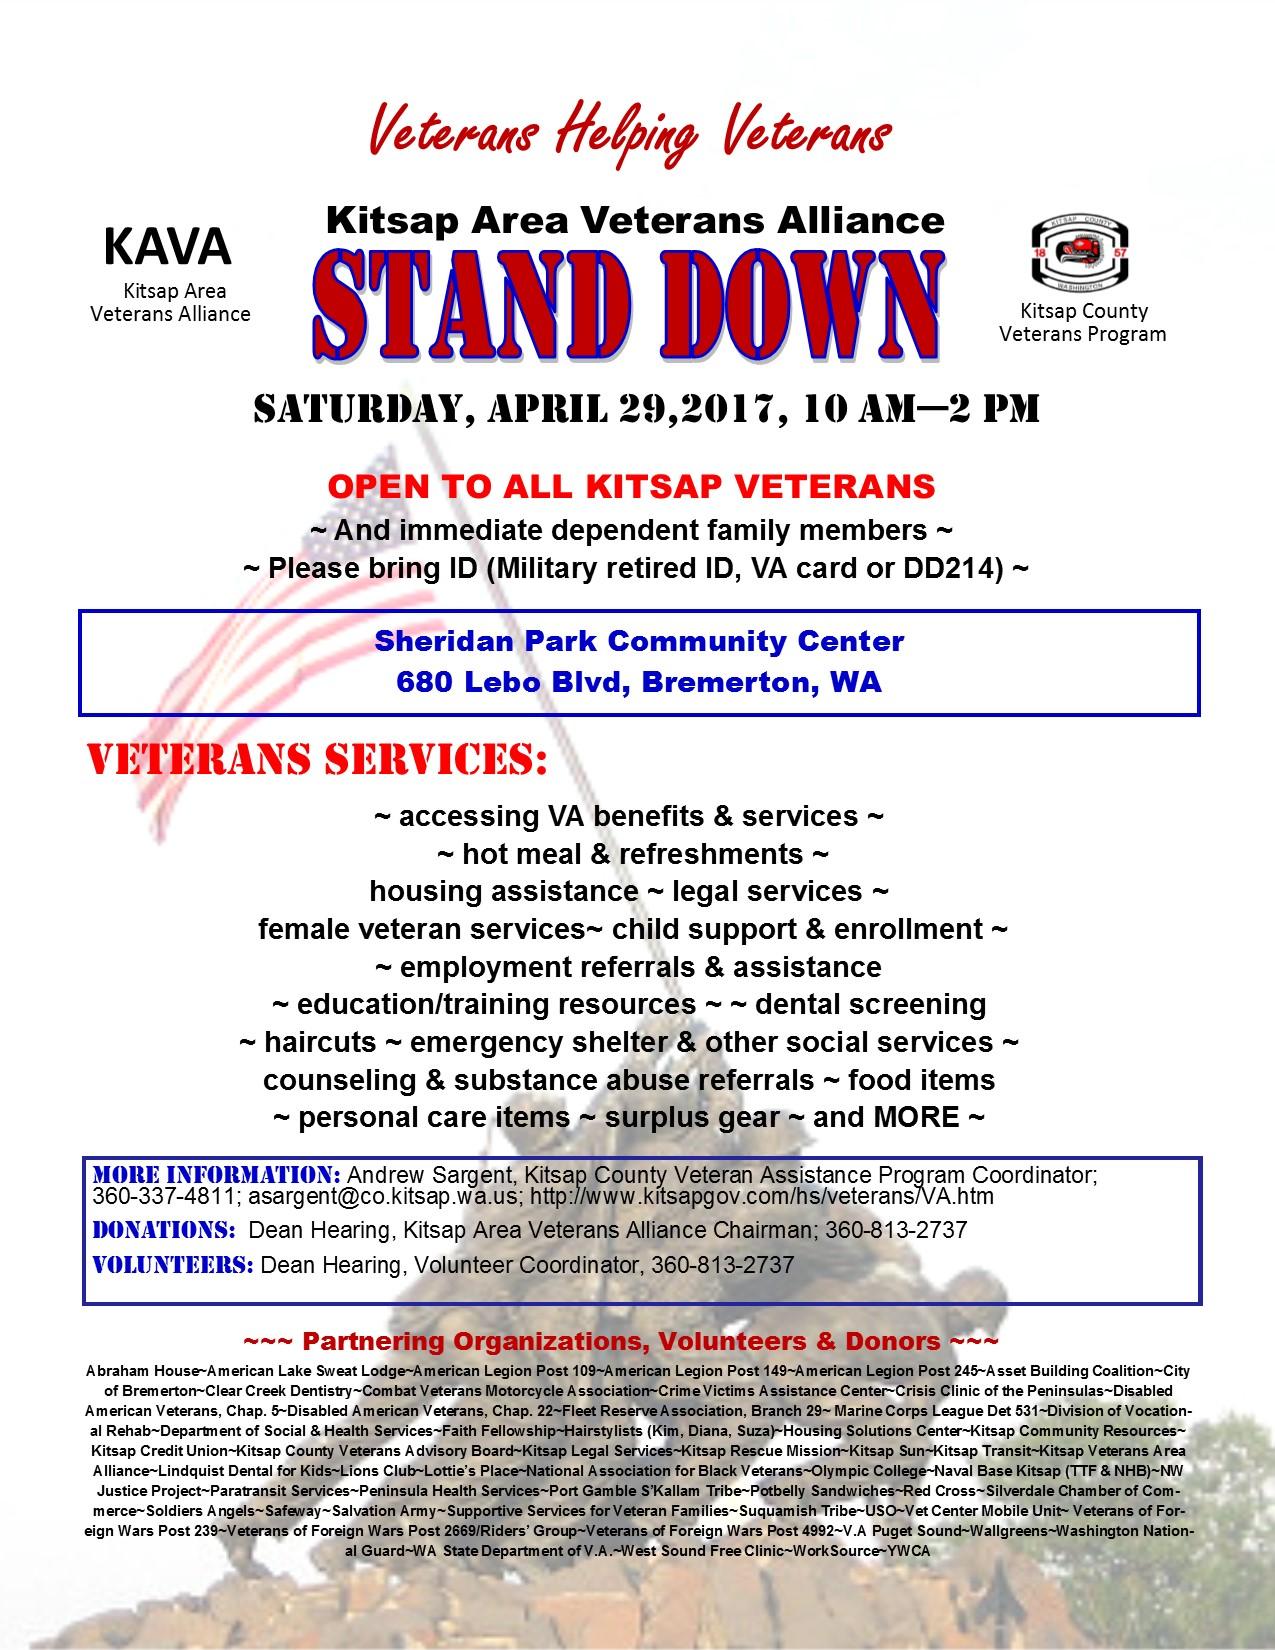 Veterans Helping Veterans | Kitsap Area Veterans Alliance STAND DOWN Flyer